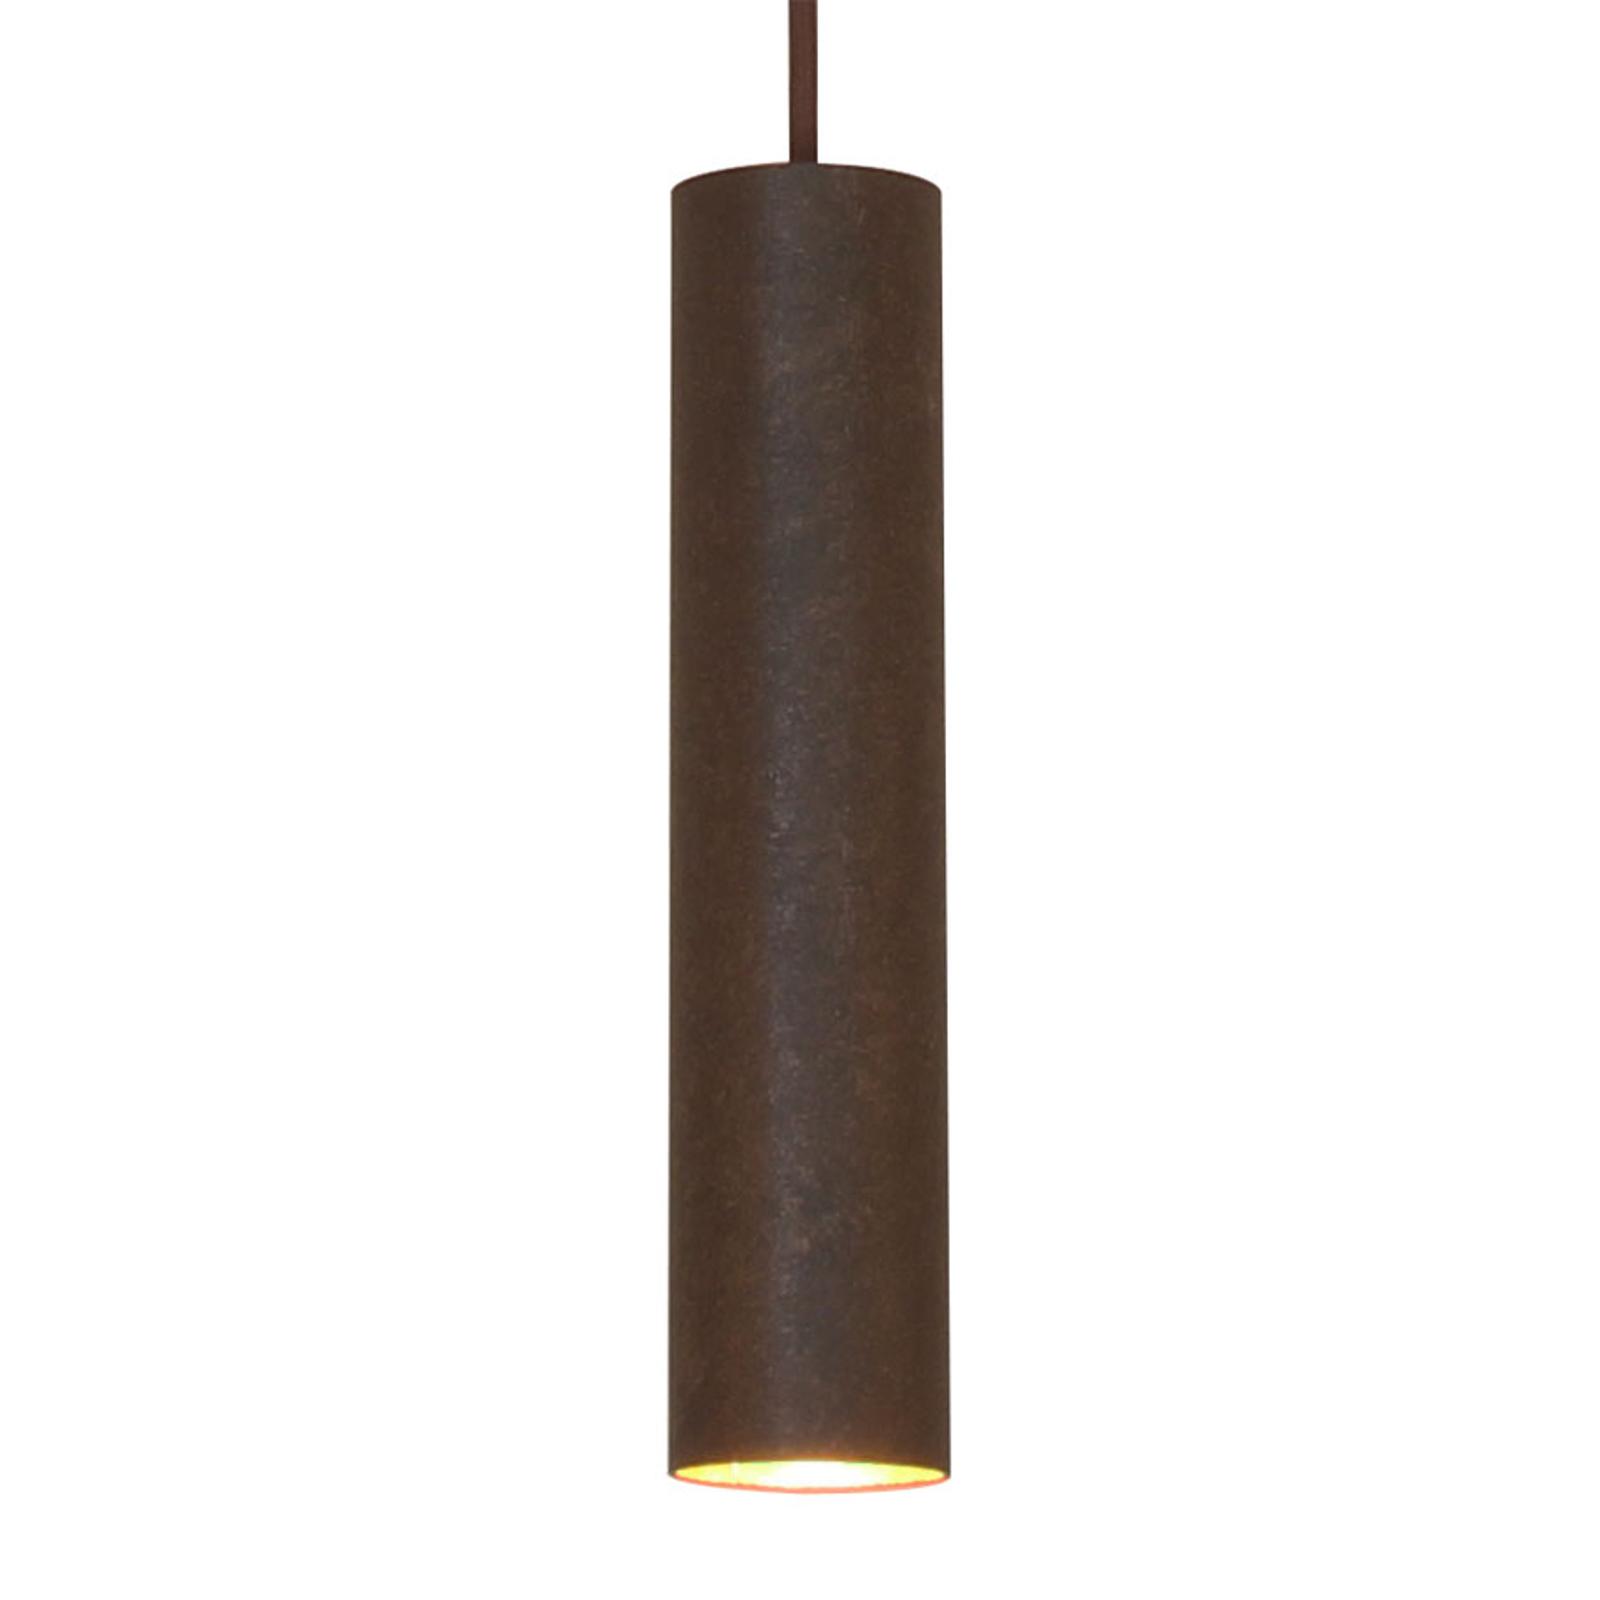 Menzel Solo Pipe hængelampe, sort-brun